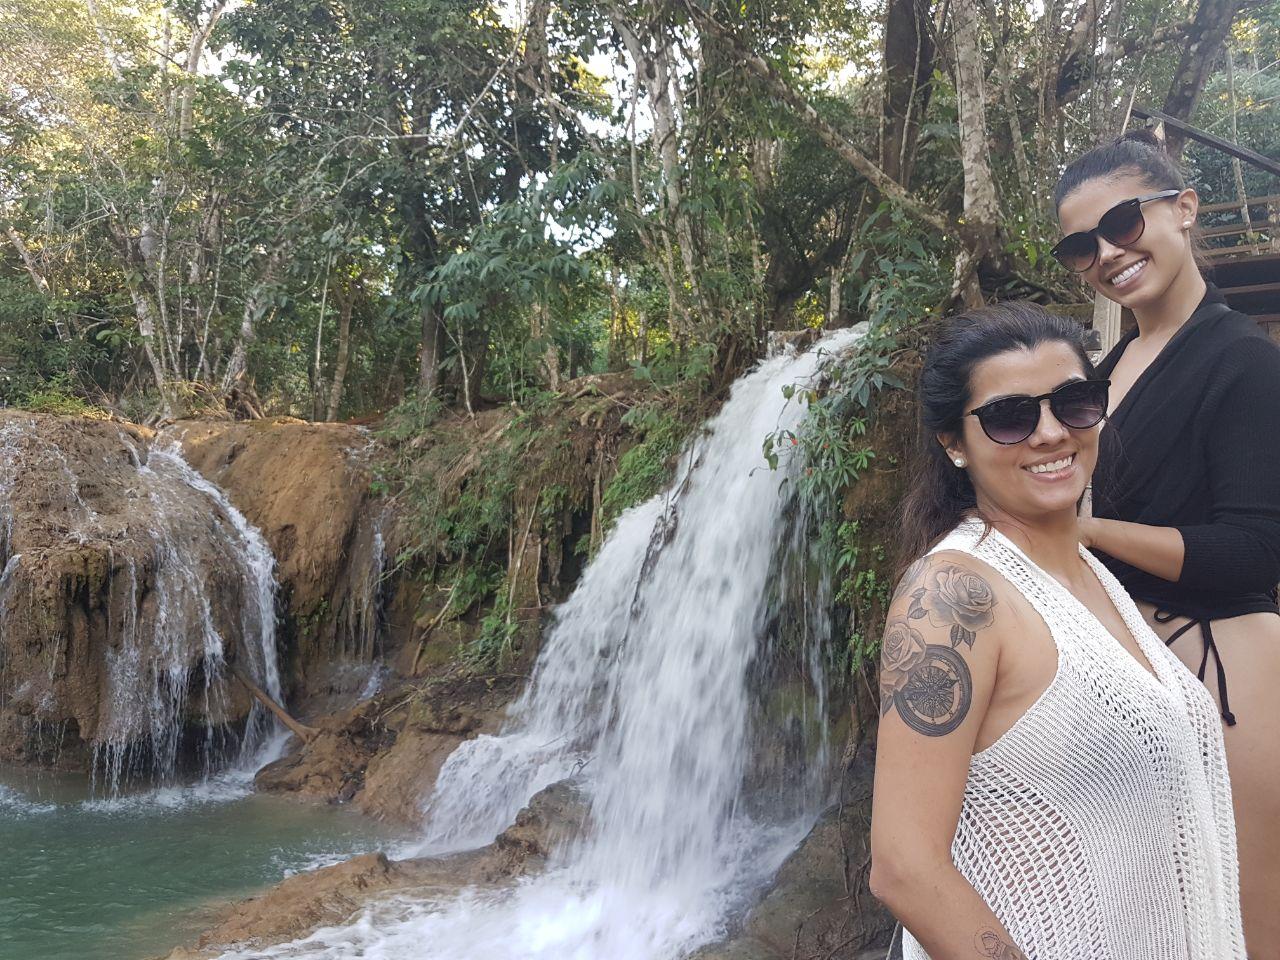 Bailarina do Faustão Karina Barros visita Estância Mimosa